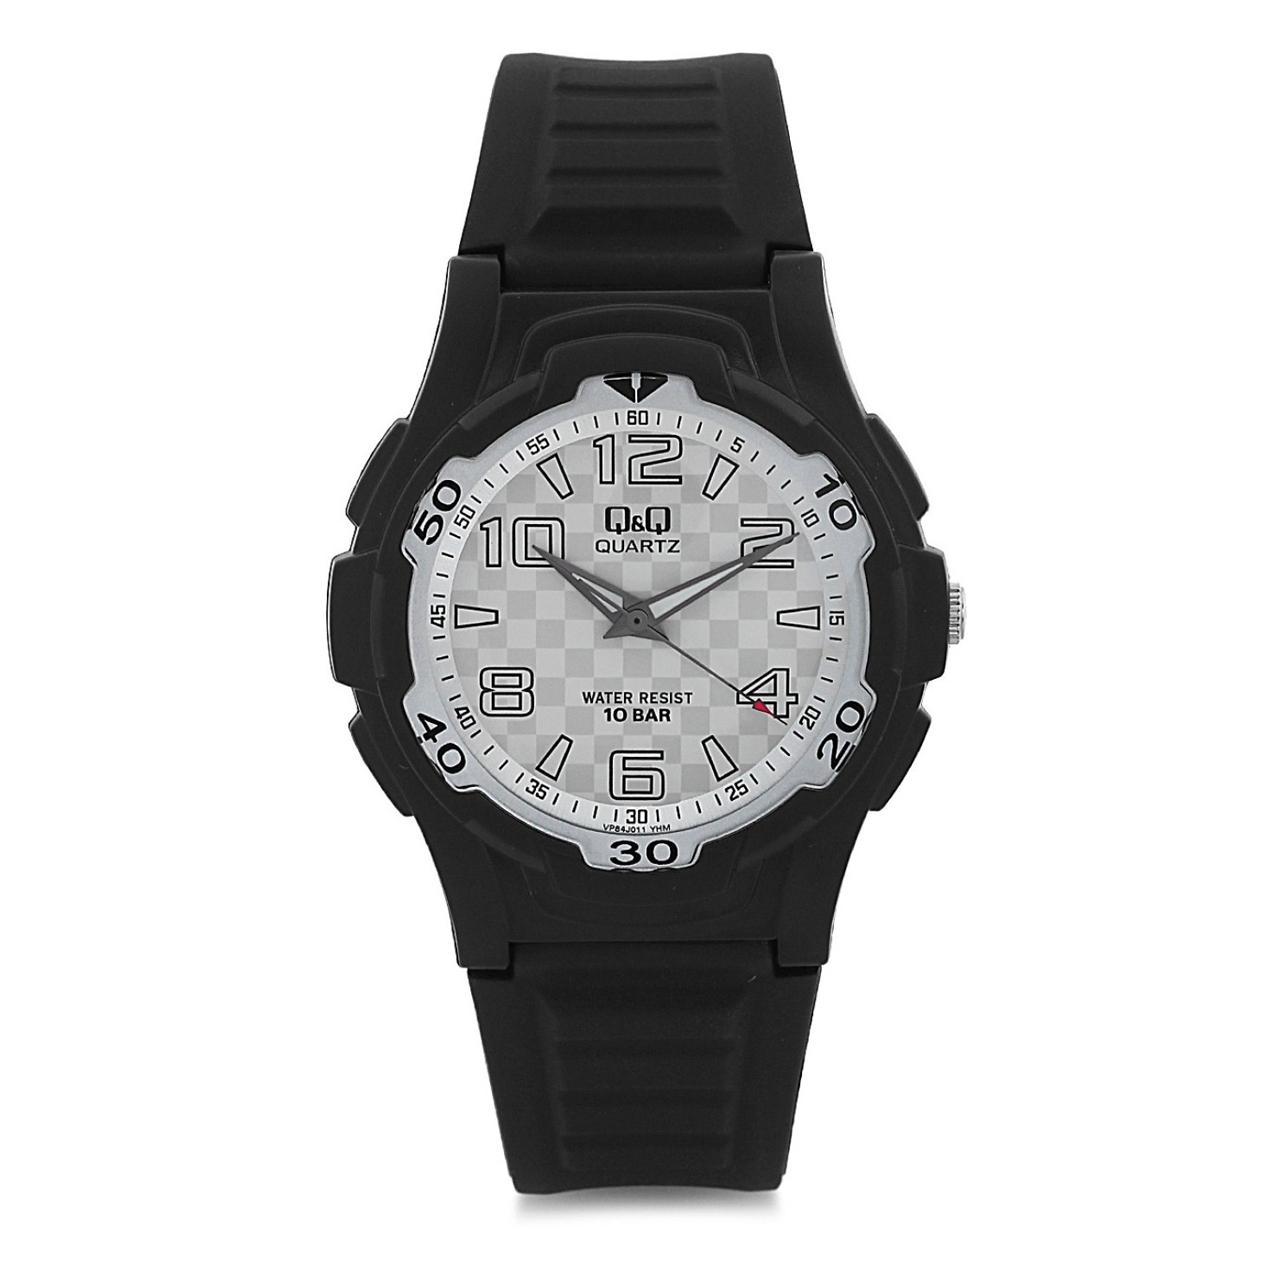 ساعت مچی عقربه ای مردانه کیو اند کیو مدل vp84j011y به همراه دستمال مخصوص برند کلین واچ